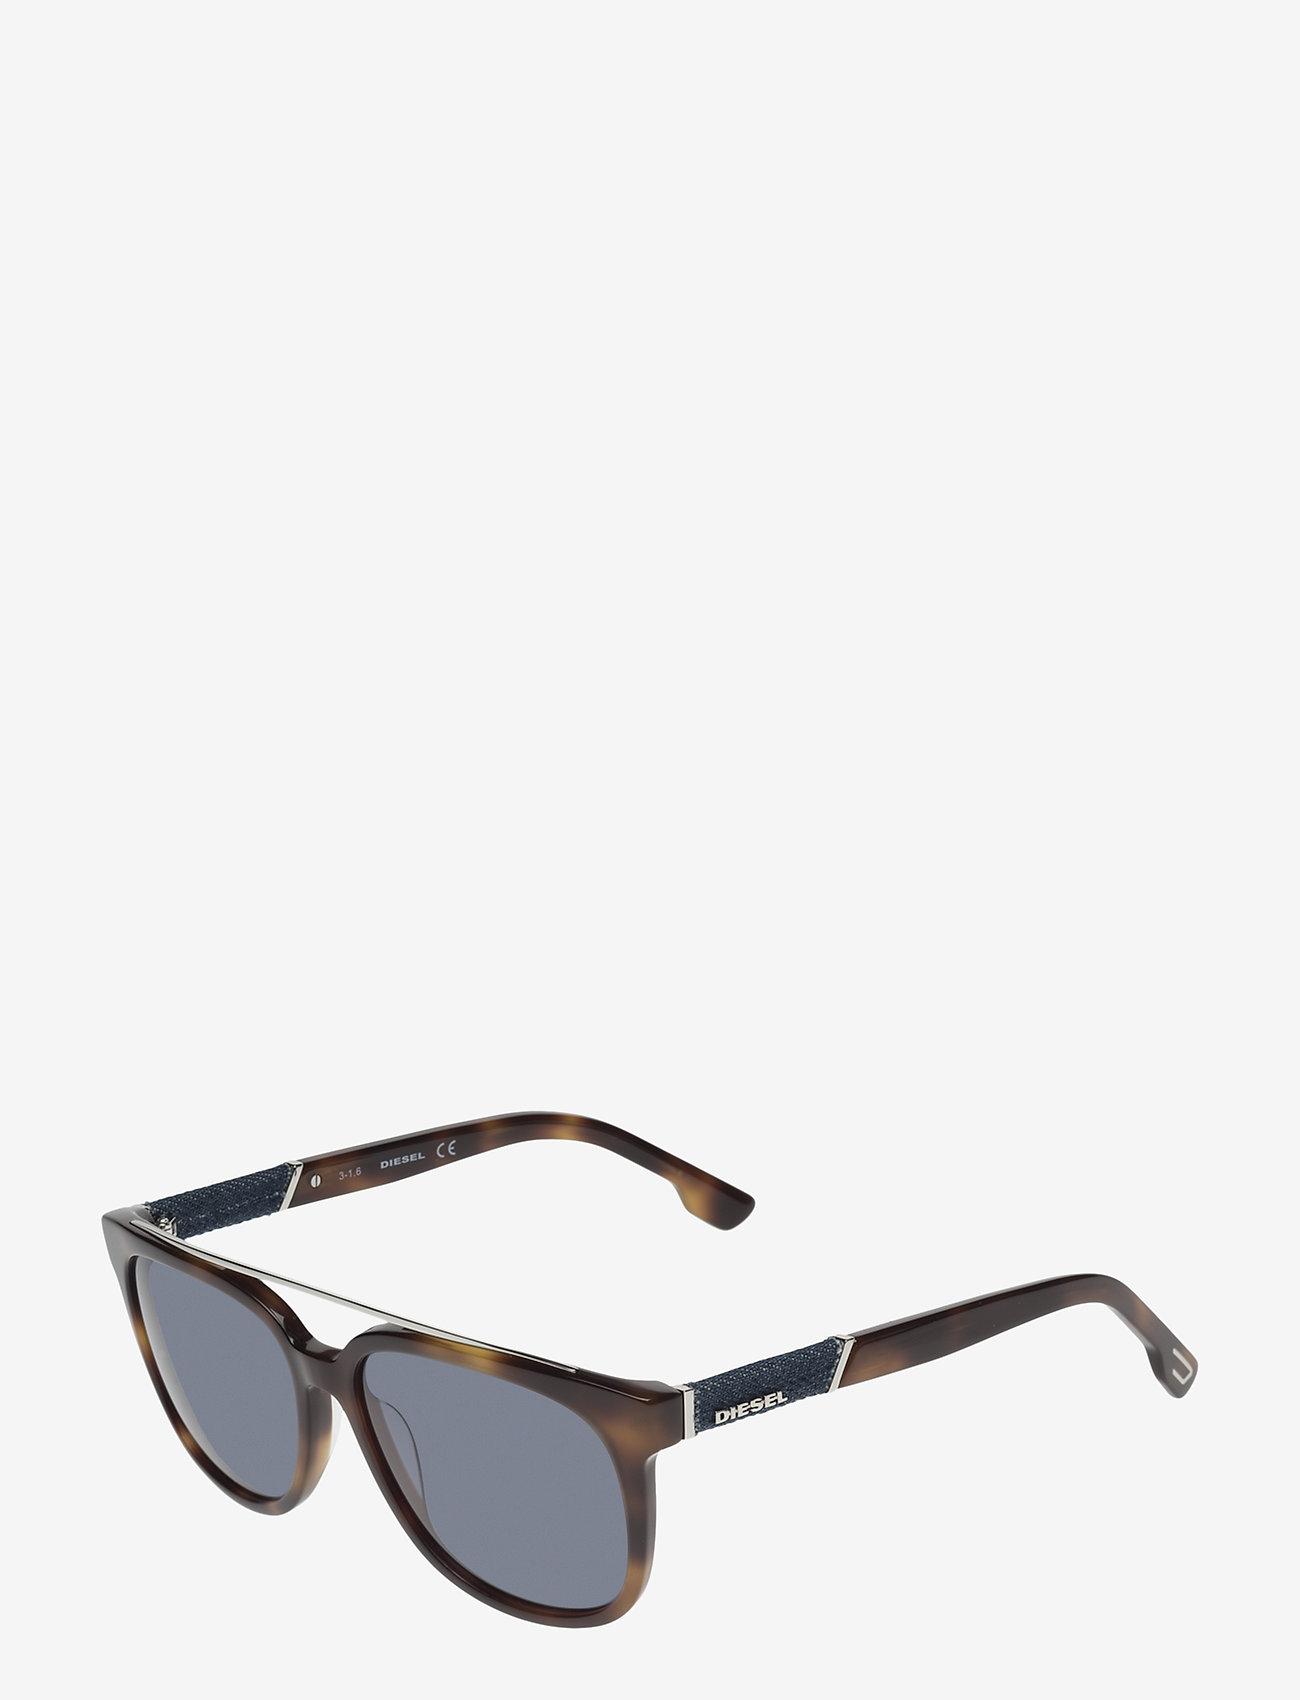 Diesel - DL0166 - okulary przeciwsłoneczne w kształcie litery d - 53v - blonde havana / blue - 1